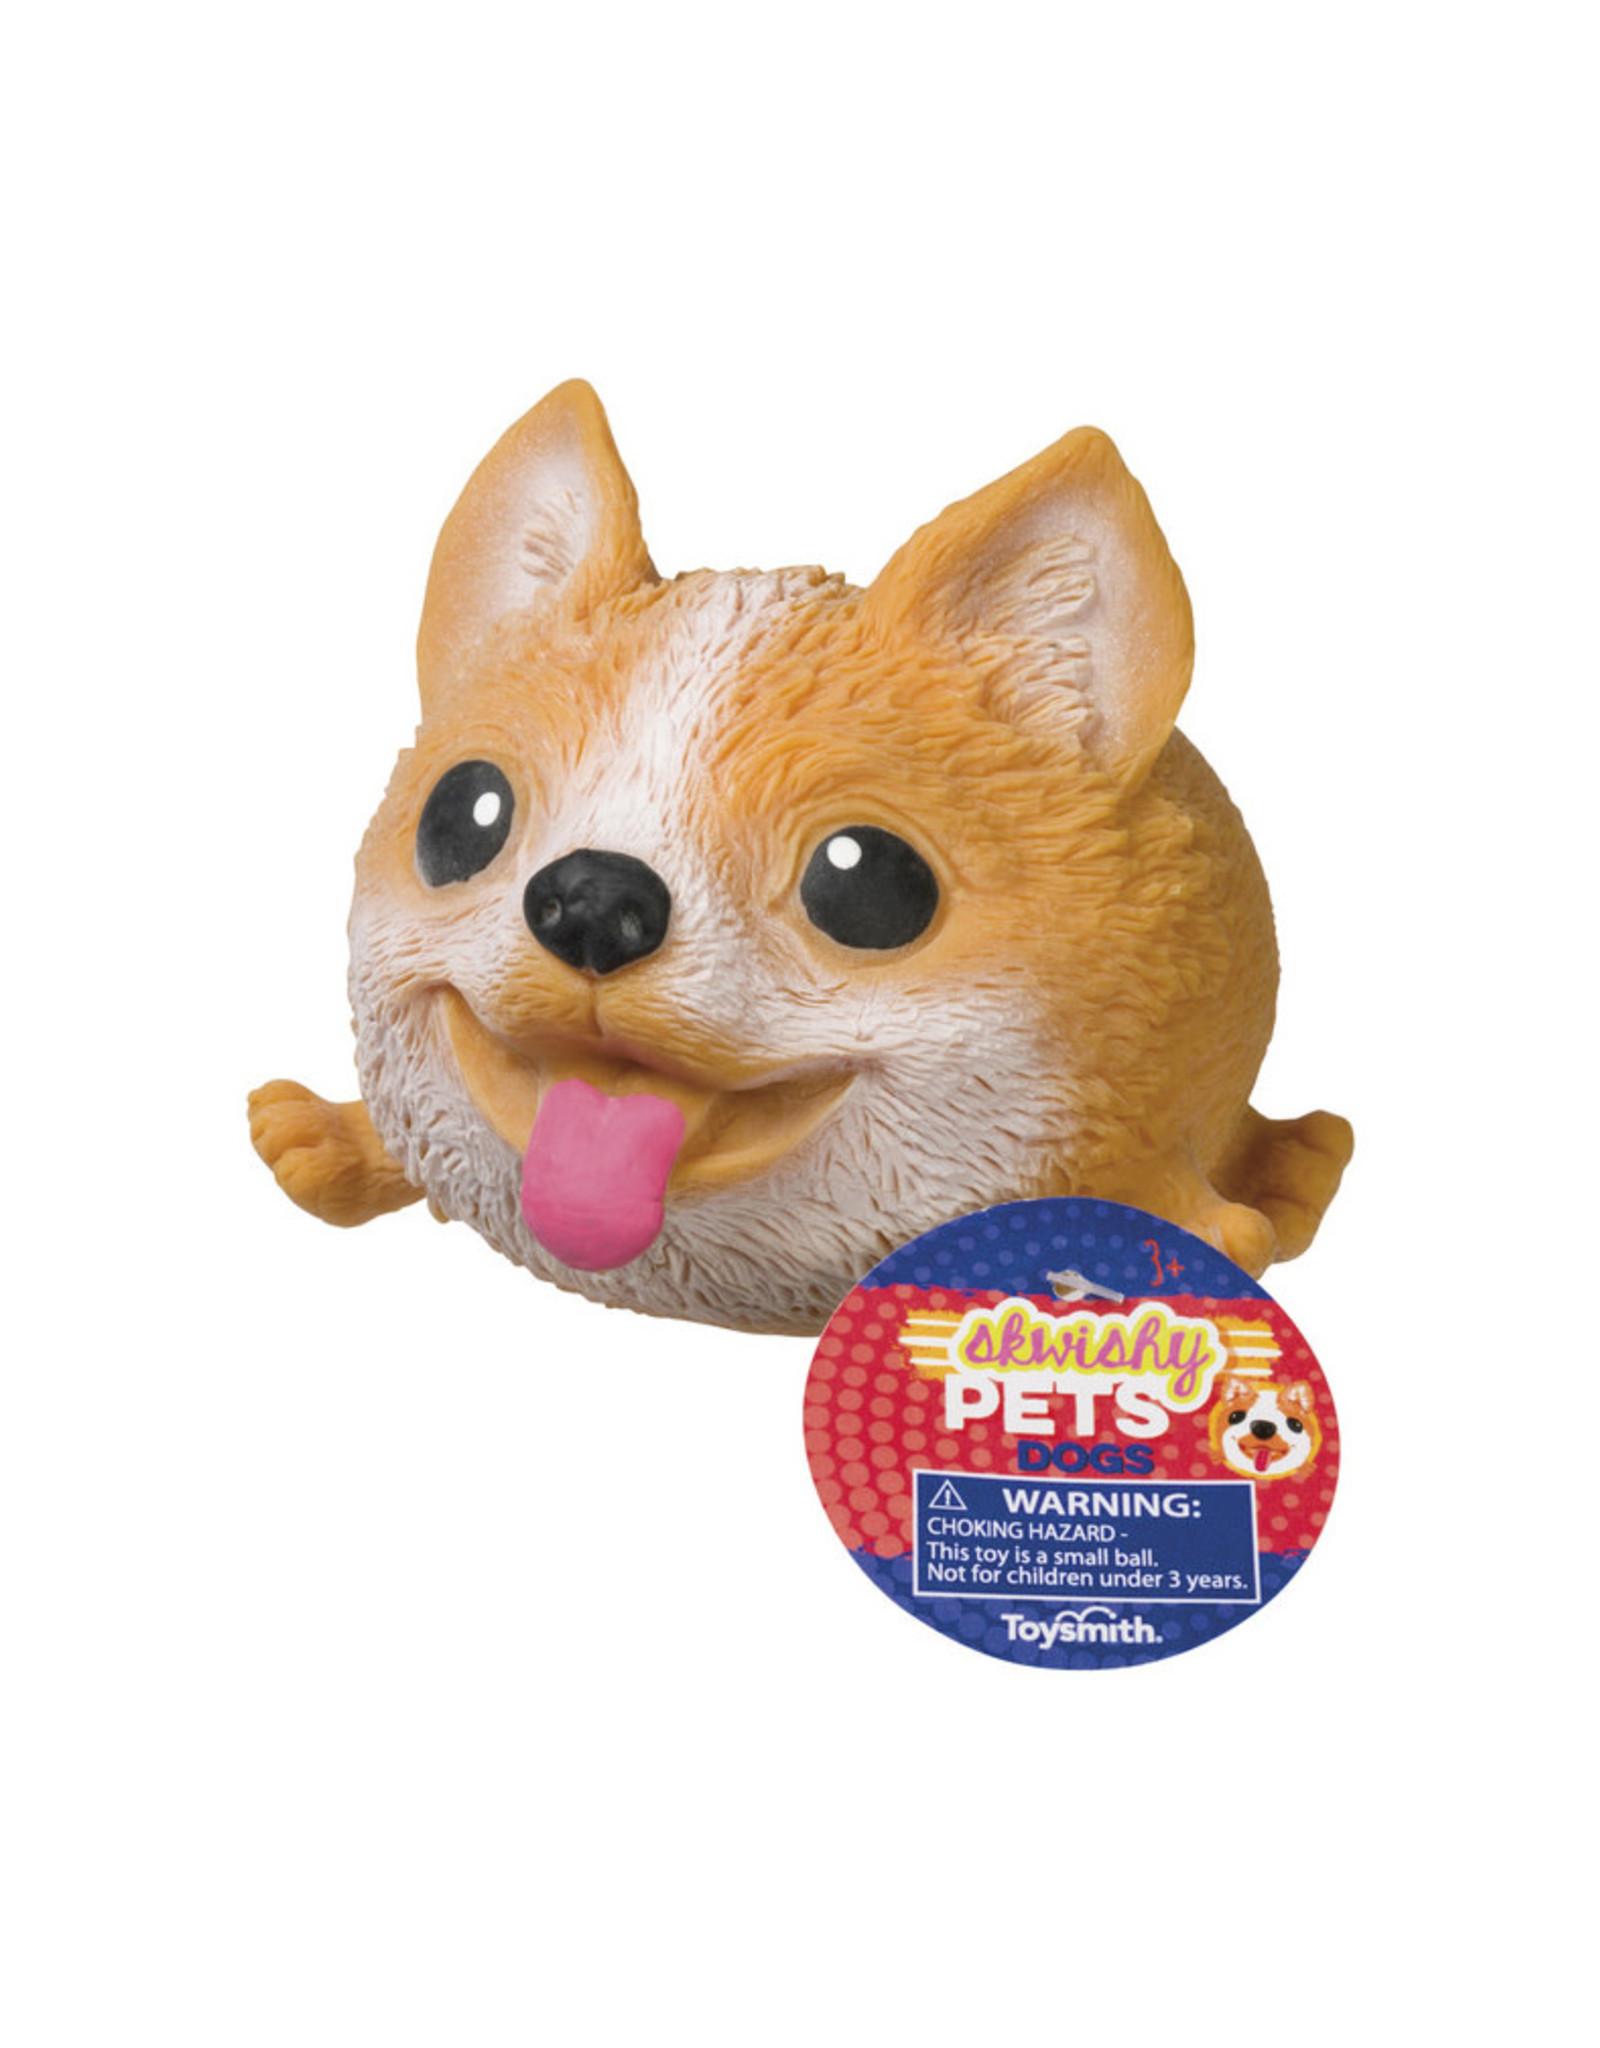 Skwishy Pet Dogs